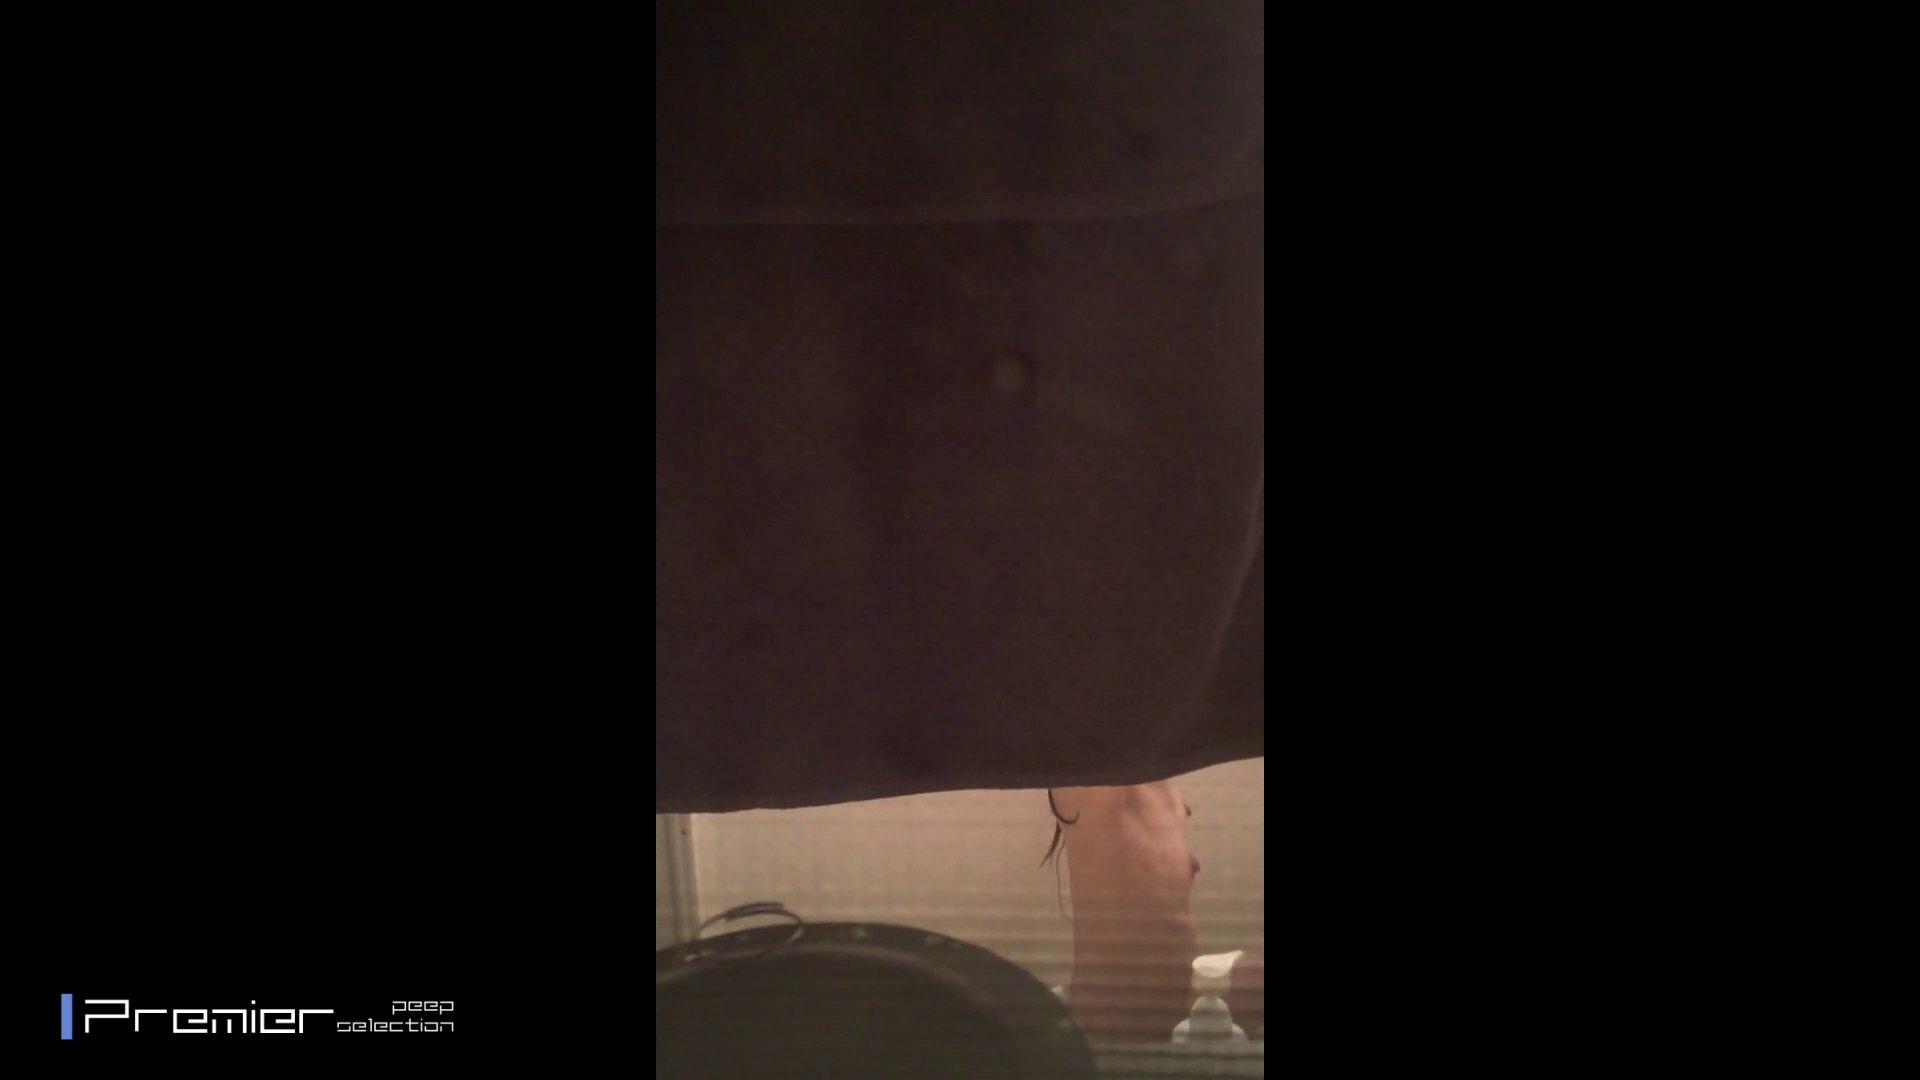 ★永久保存版★全員バレ!大迫力入浴シーン 美女達の私生活に潜入! エッチすぎる美女  35連発 4